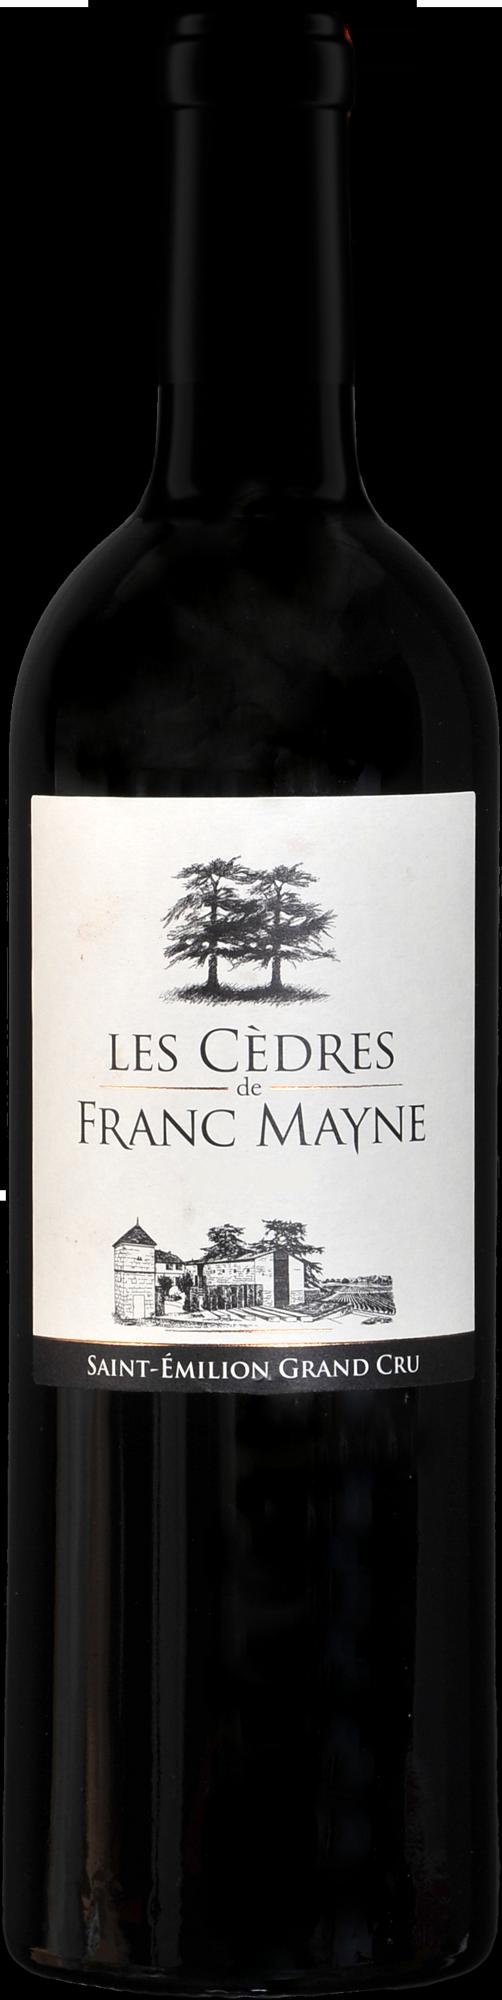 Les Cèdres de Franc Mayne 2017 - Grand cru classé Saint-Emilion - Château Franc Mayne